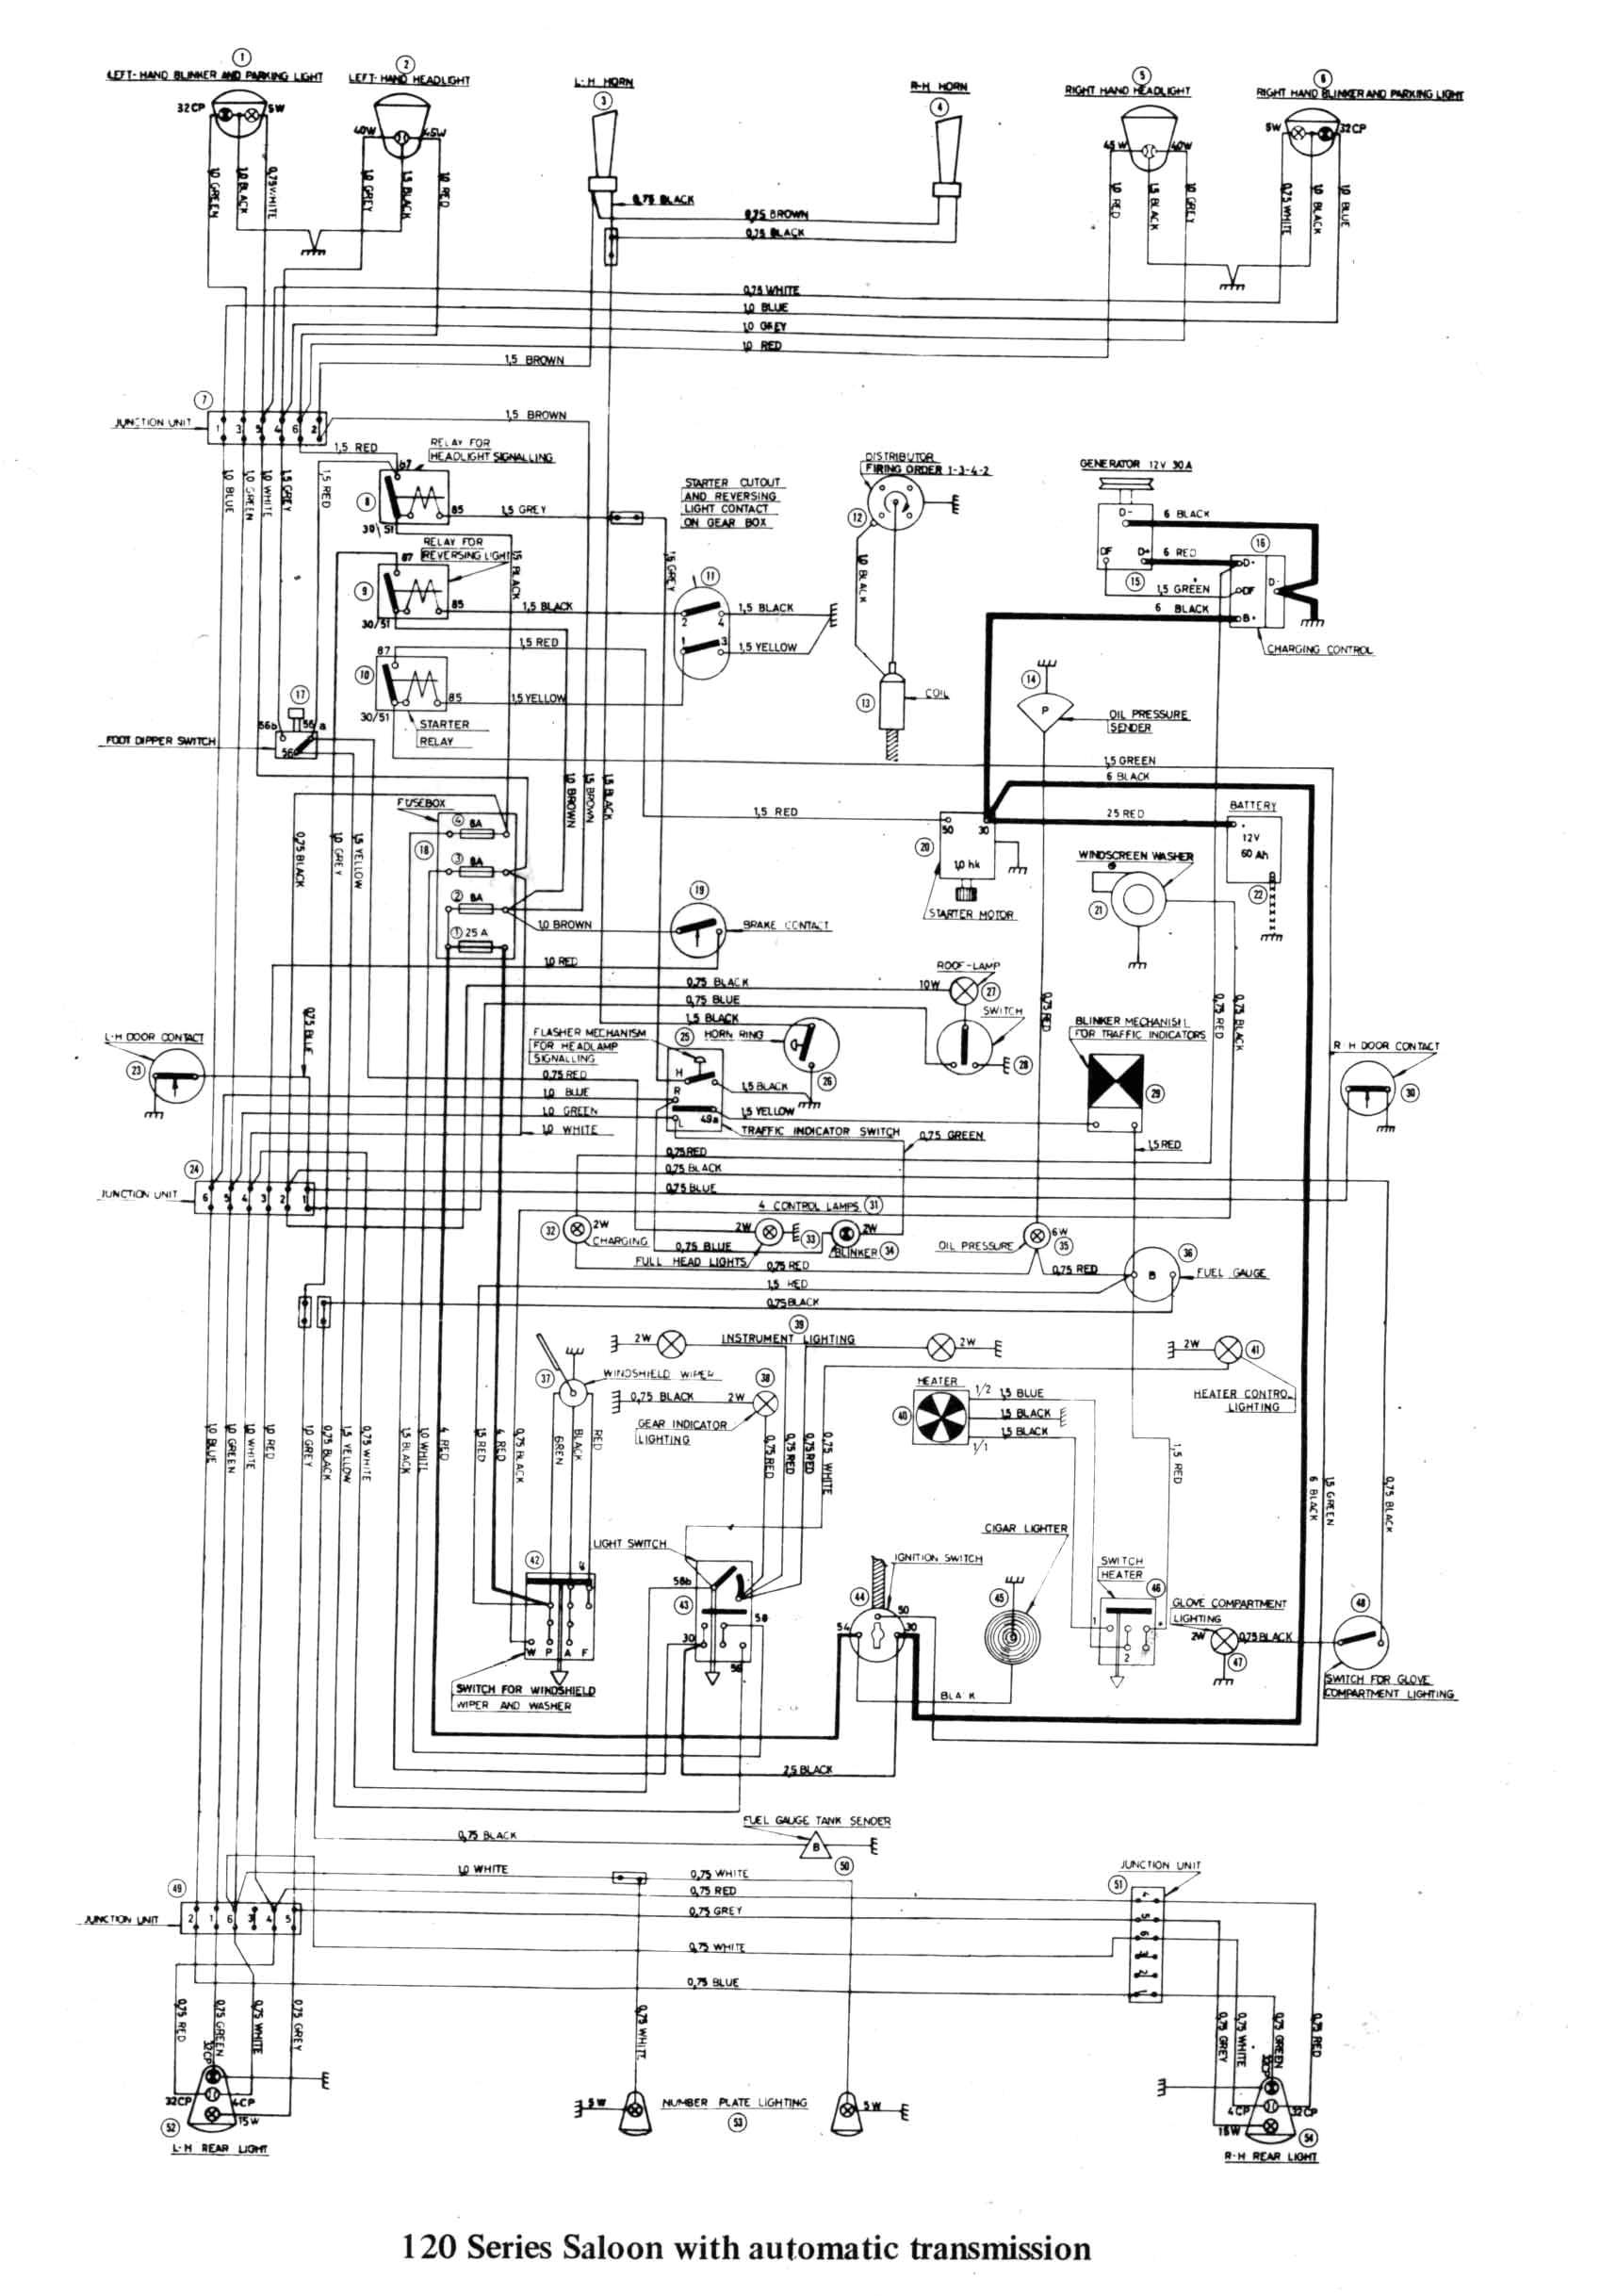 gen tran wiring diagram luxury sw em od retrofitting on a vintage volvo